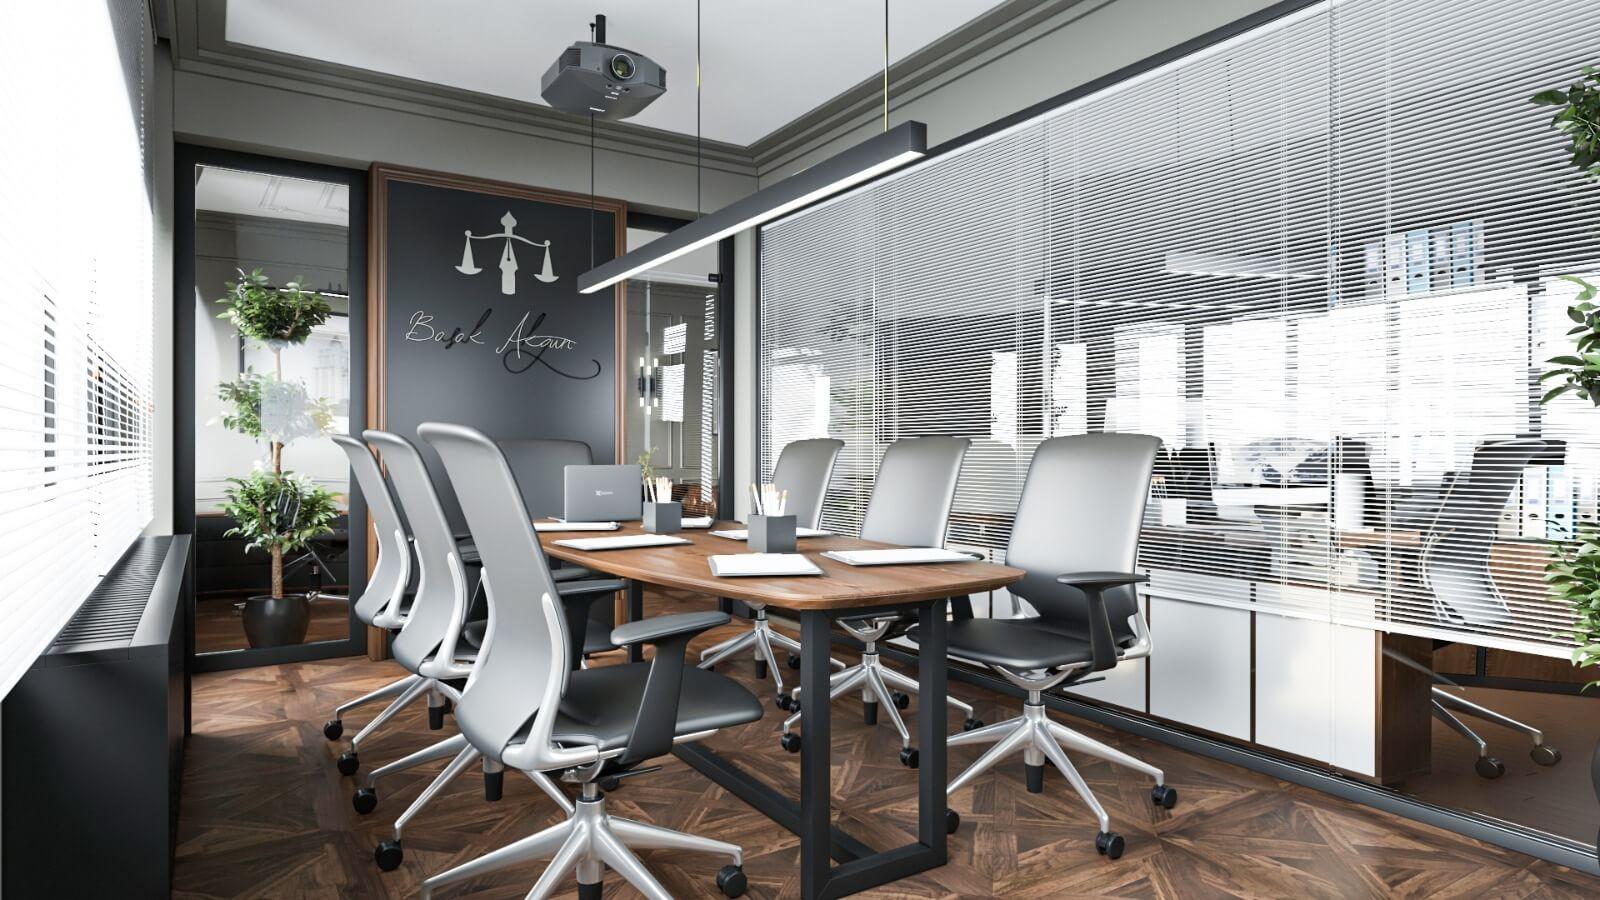 ofis içmimari 4038 Başak AKGÜN Hukuk Ofisler